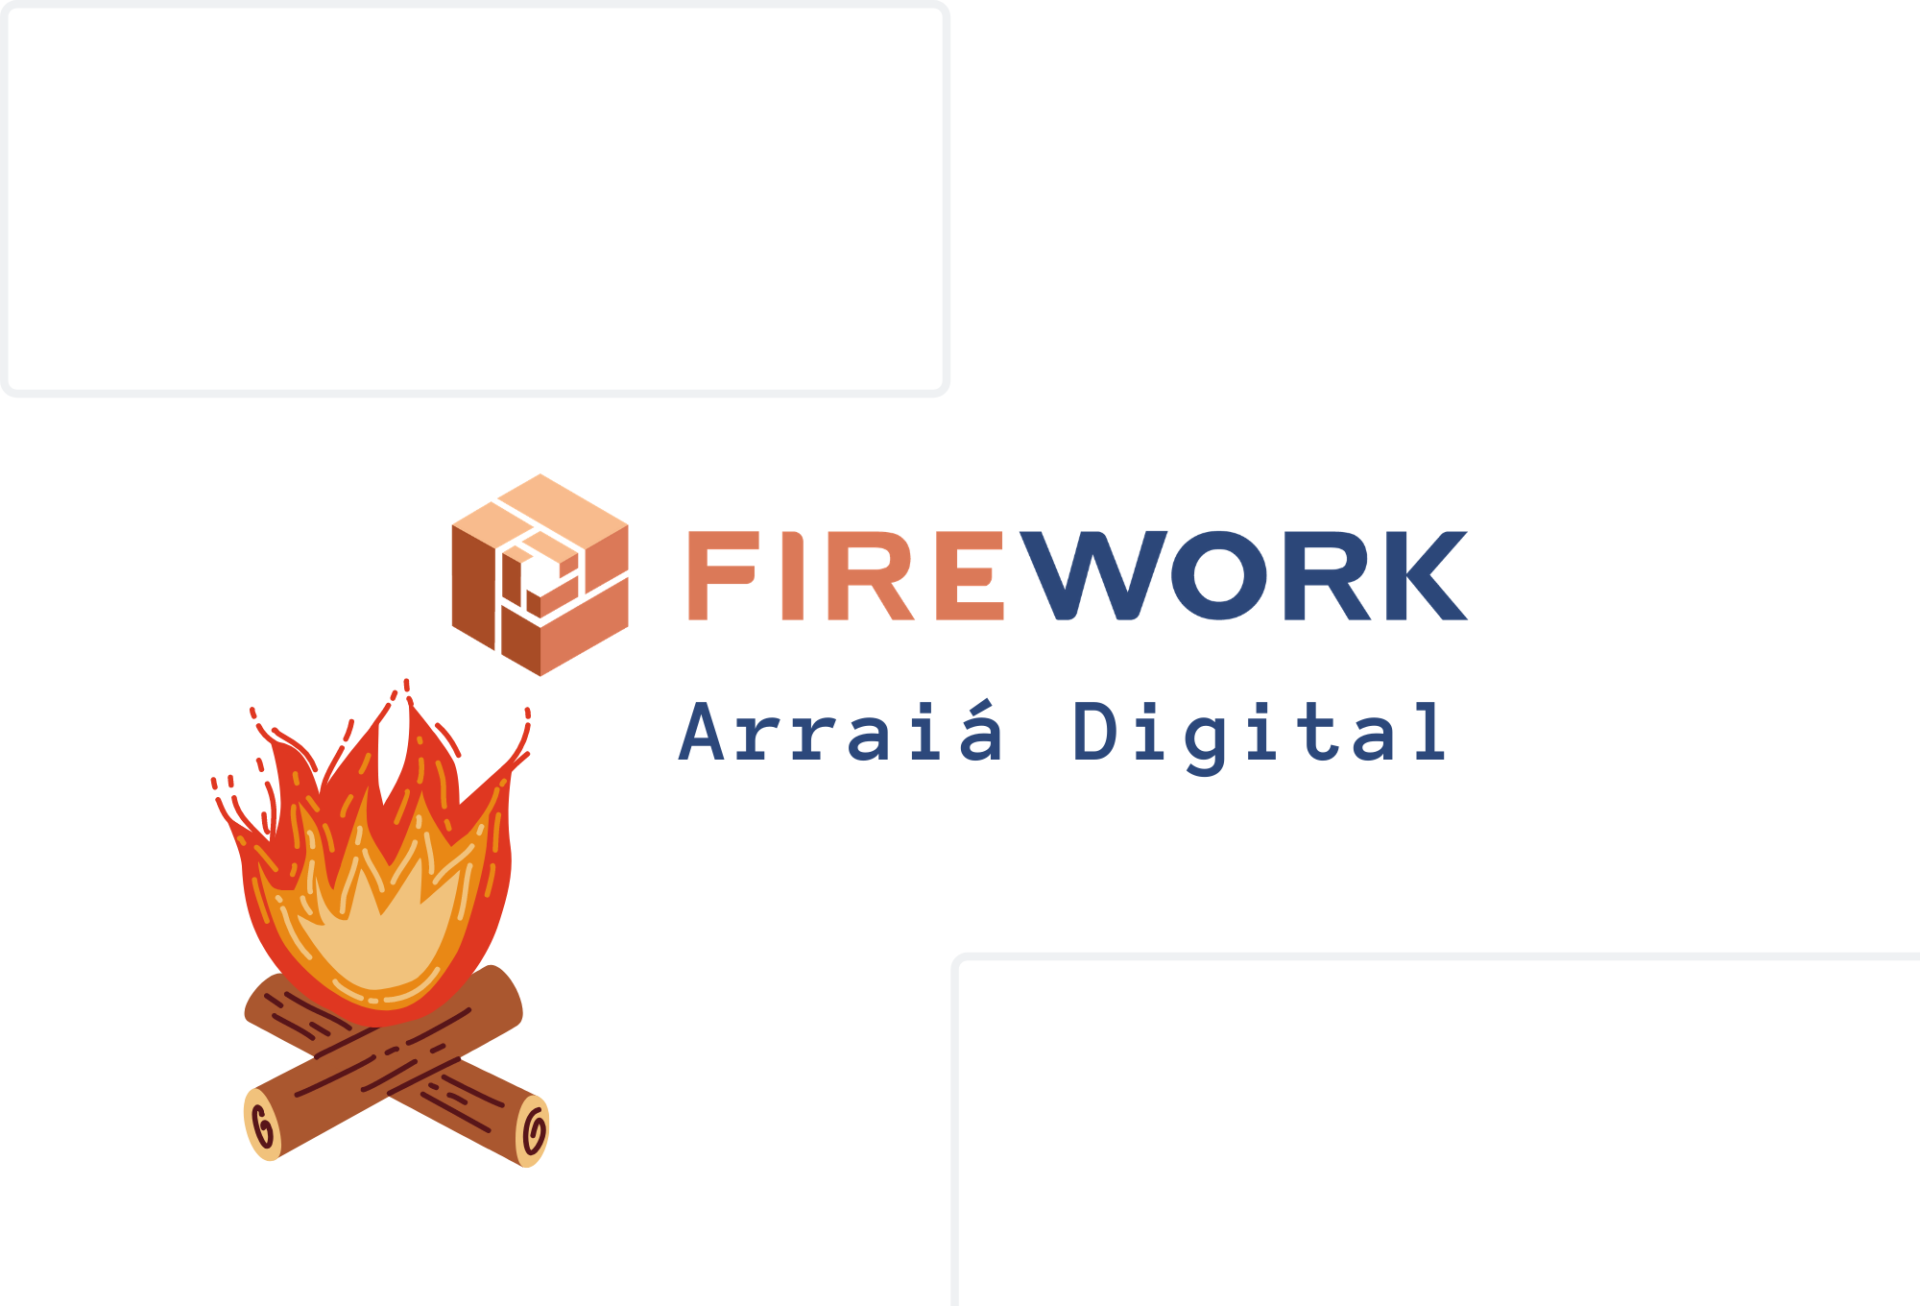 Arraiá Digital Firework